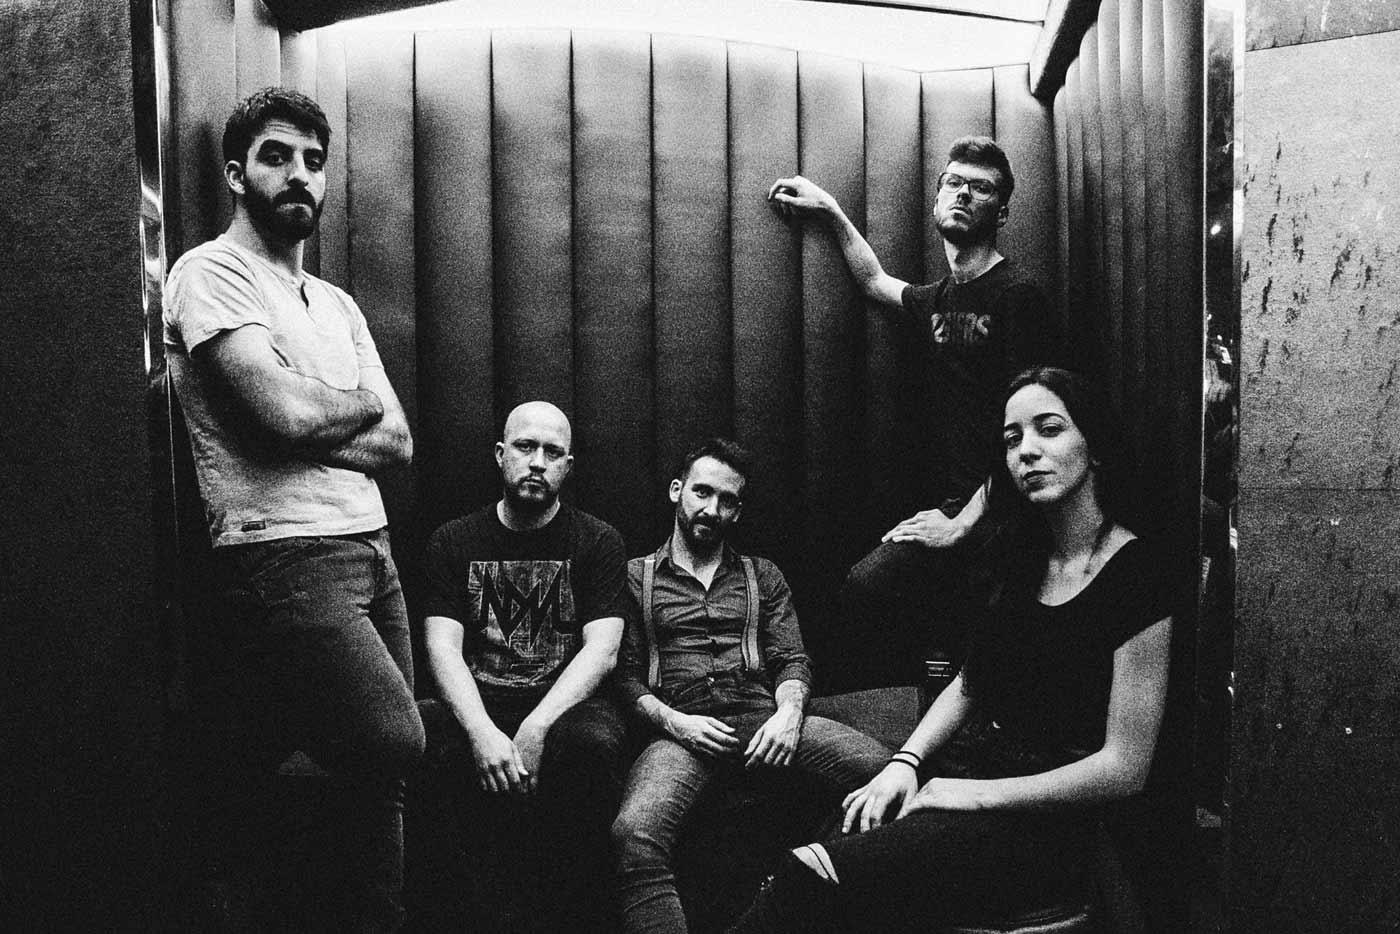 Goliath Is Dead presenta nueva imagen con concierto de Obsidian Kingdom